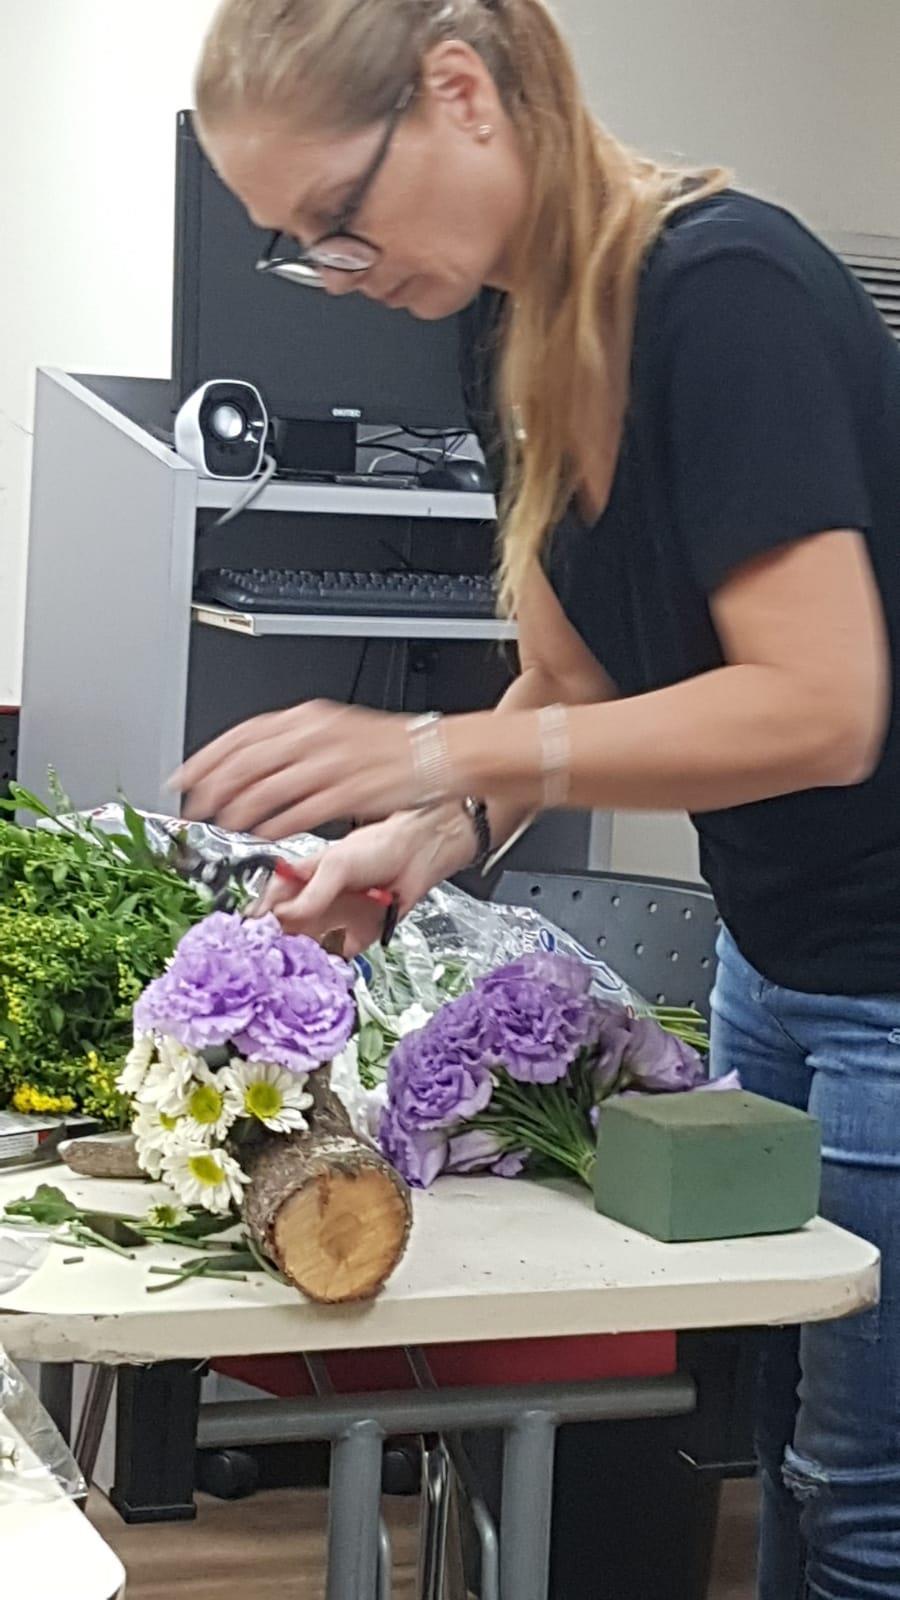 גלרייה - שיעור שזירת פרחים - קורס הפקת אירועים מחזור 24, 10 מתוך 35